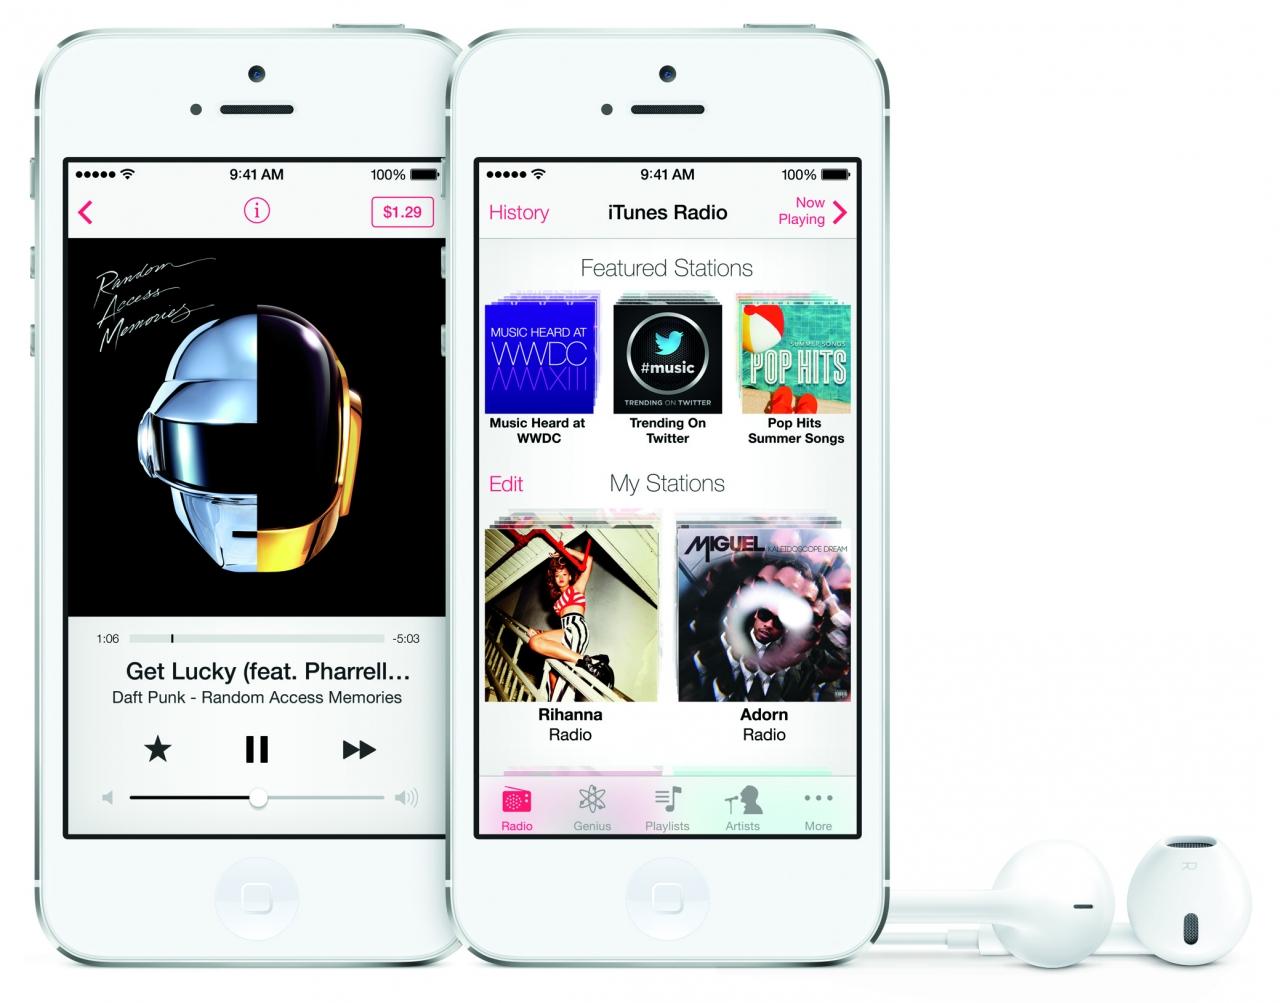 inizio del prossimo anno, iTunes Radio sarà disponibile in Australia ...